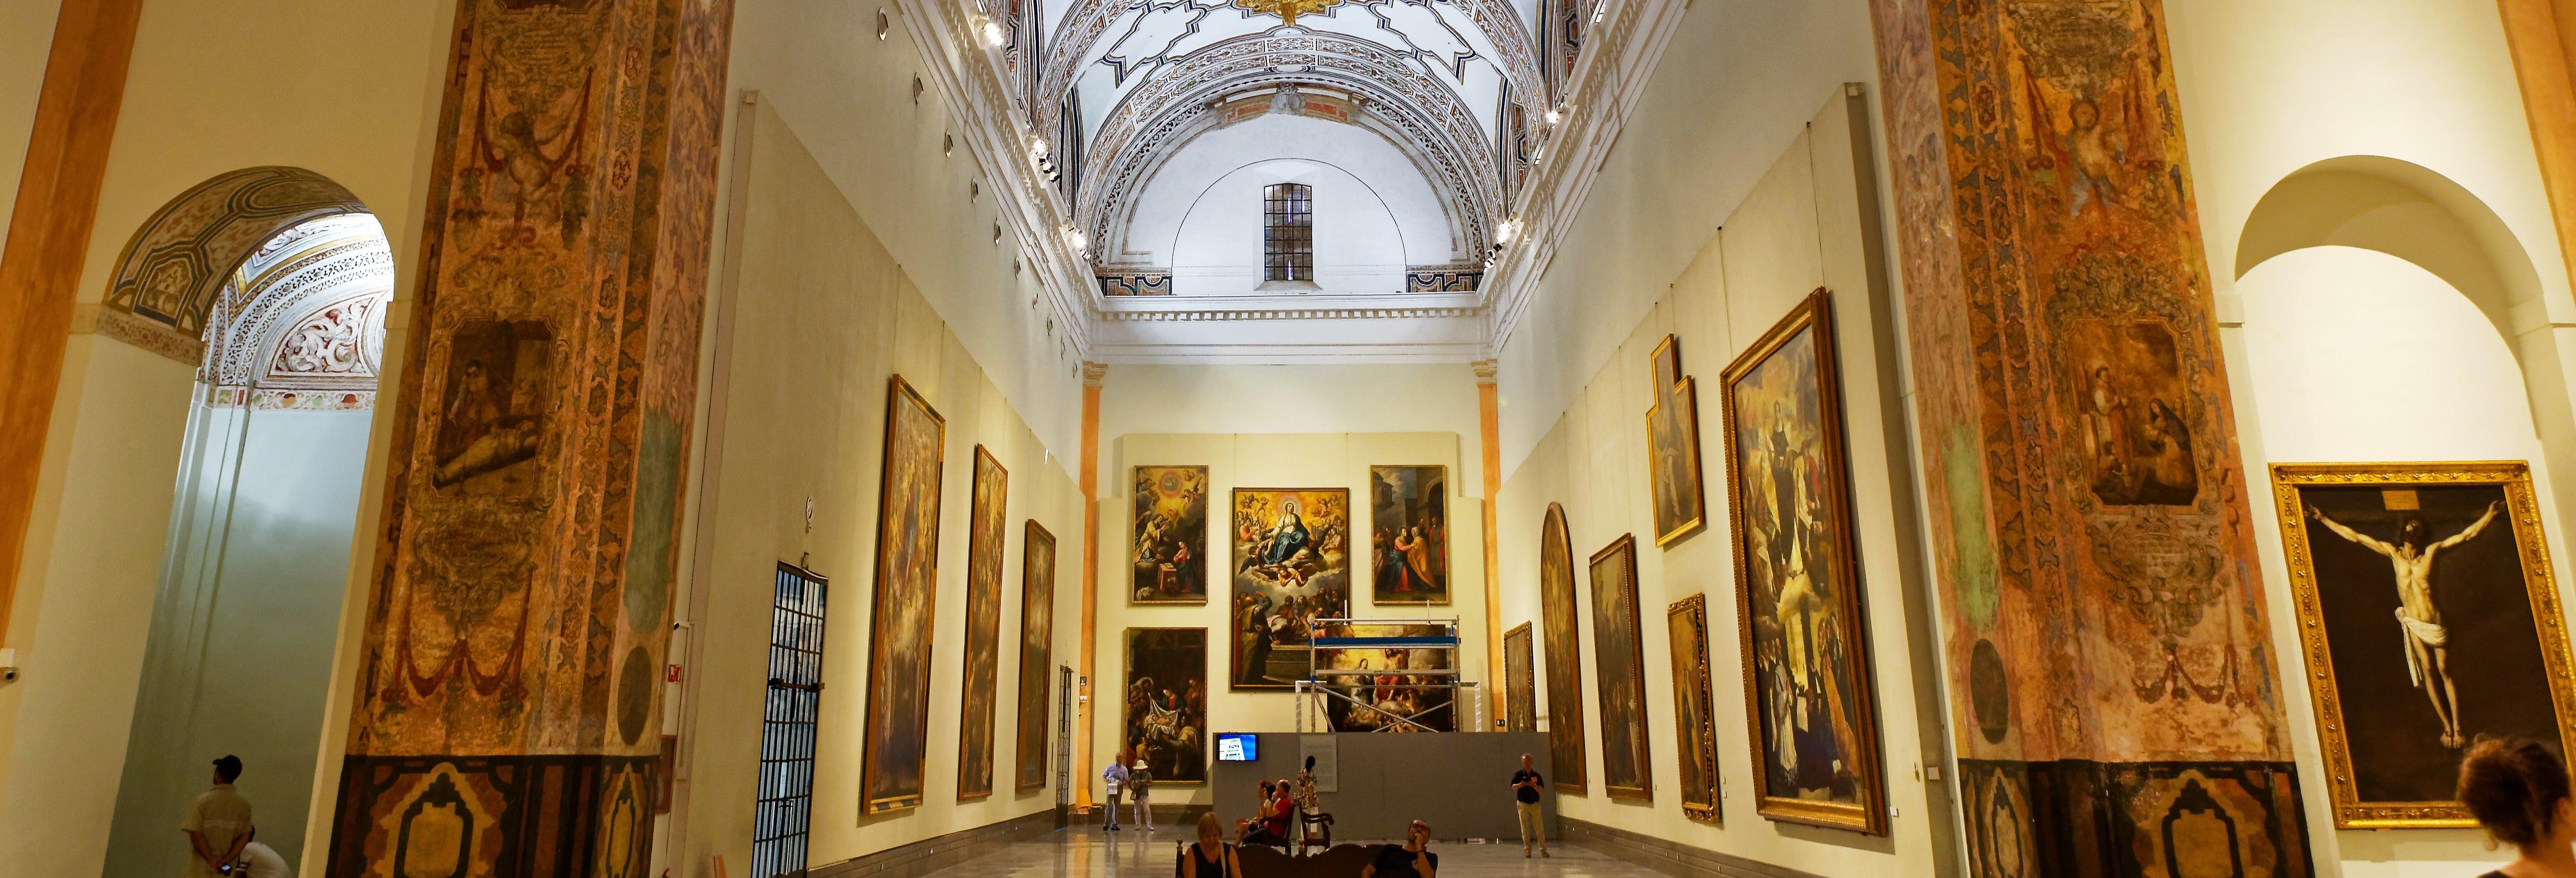 Visita guiada pelo Museu de Belas Artes